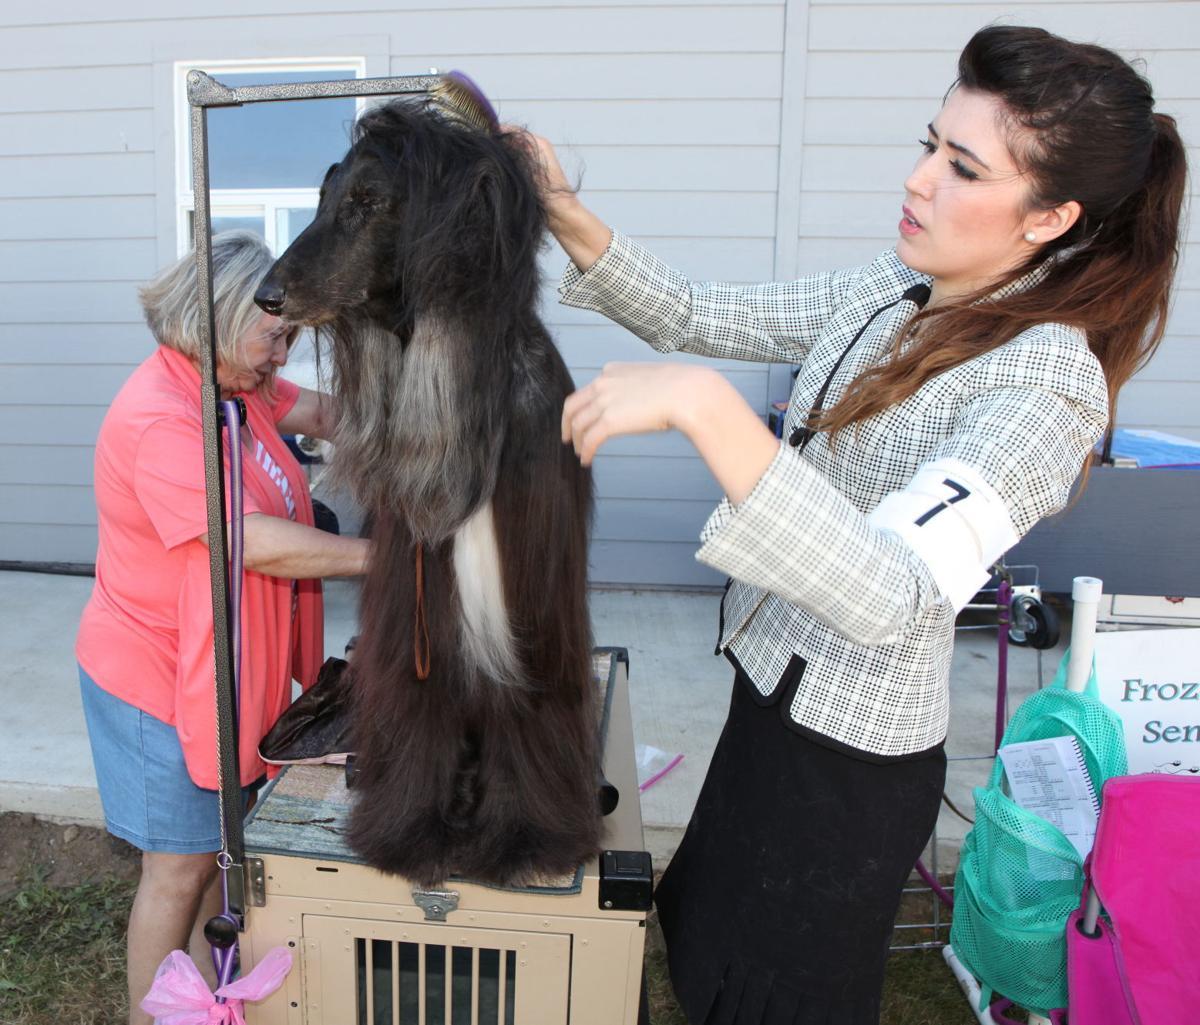 Dog salon